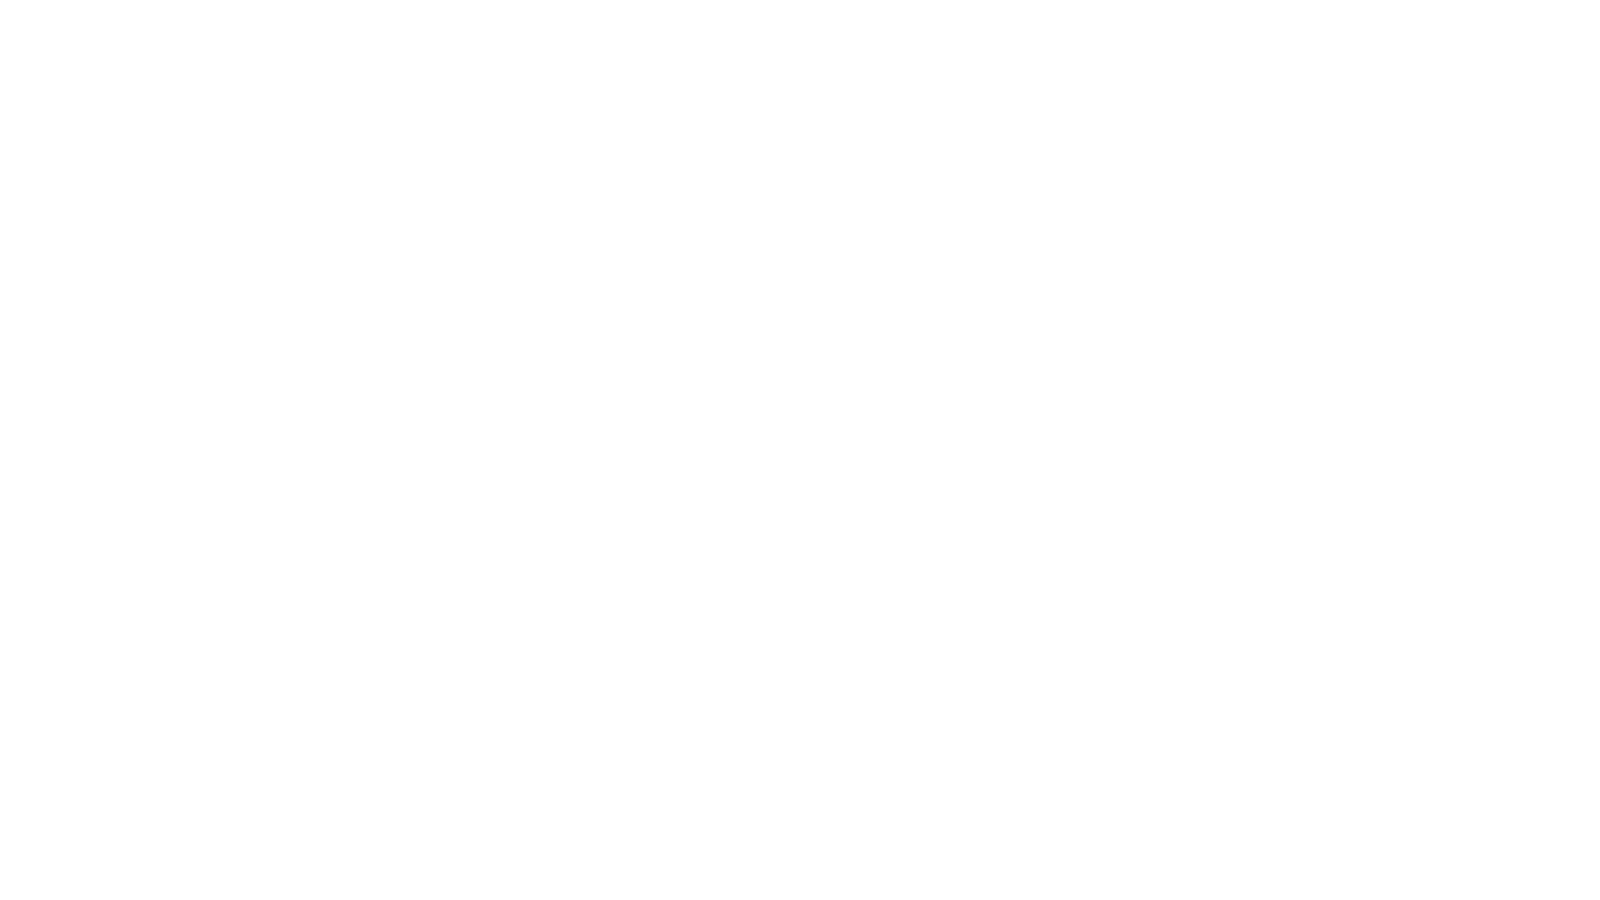 Стрими навбатӣ бахшида ба навиштани коди серверӣ барои истифодаи ҳамҷоя бо Angular бо истифода аз Node.js ва пакети он Express.